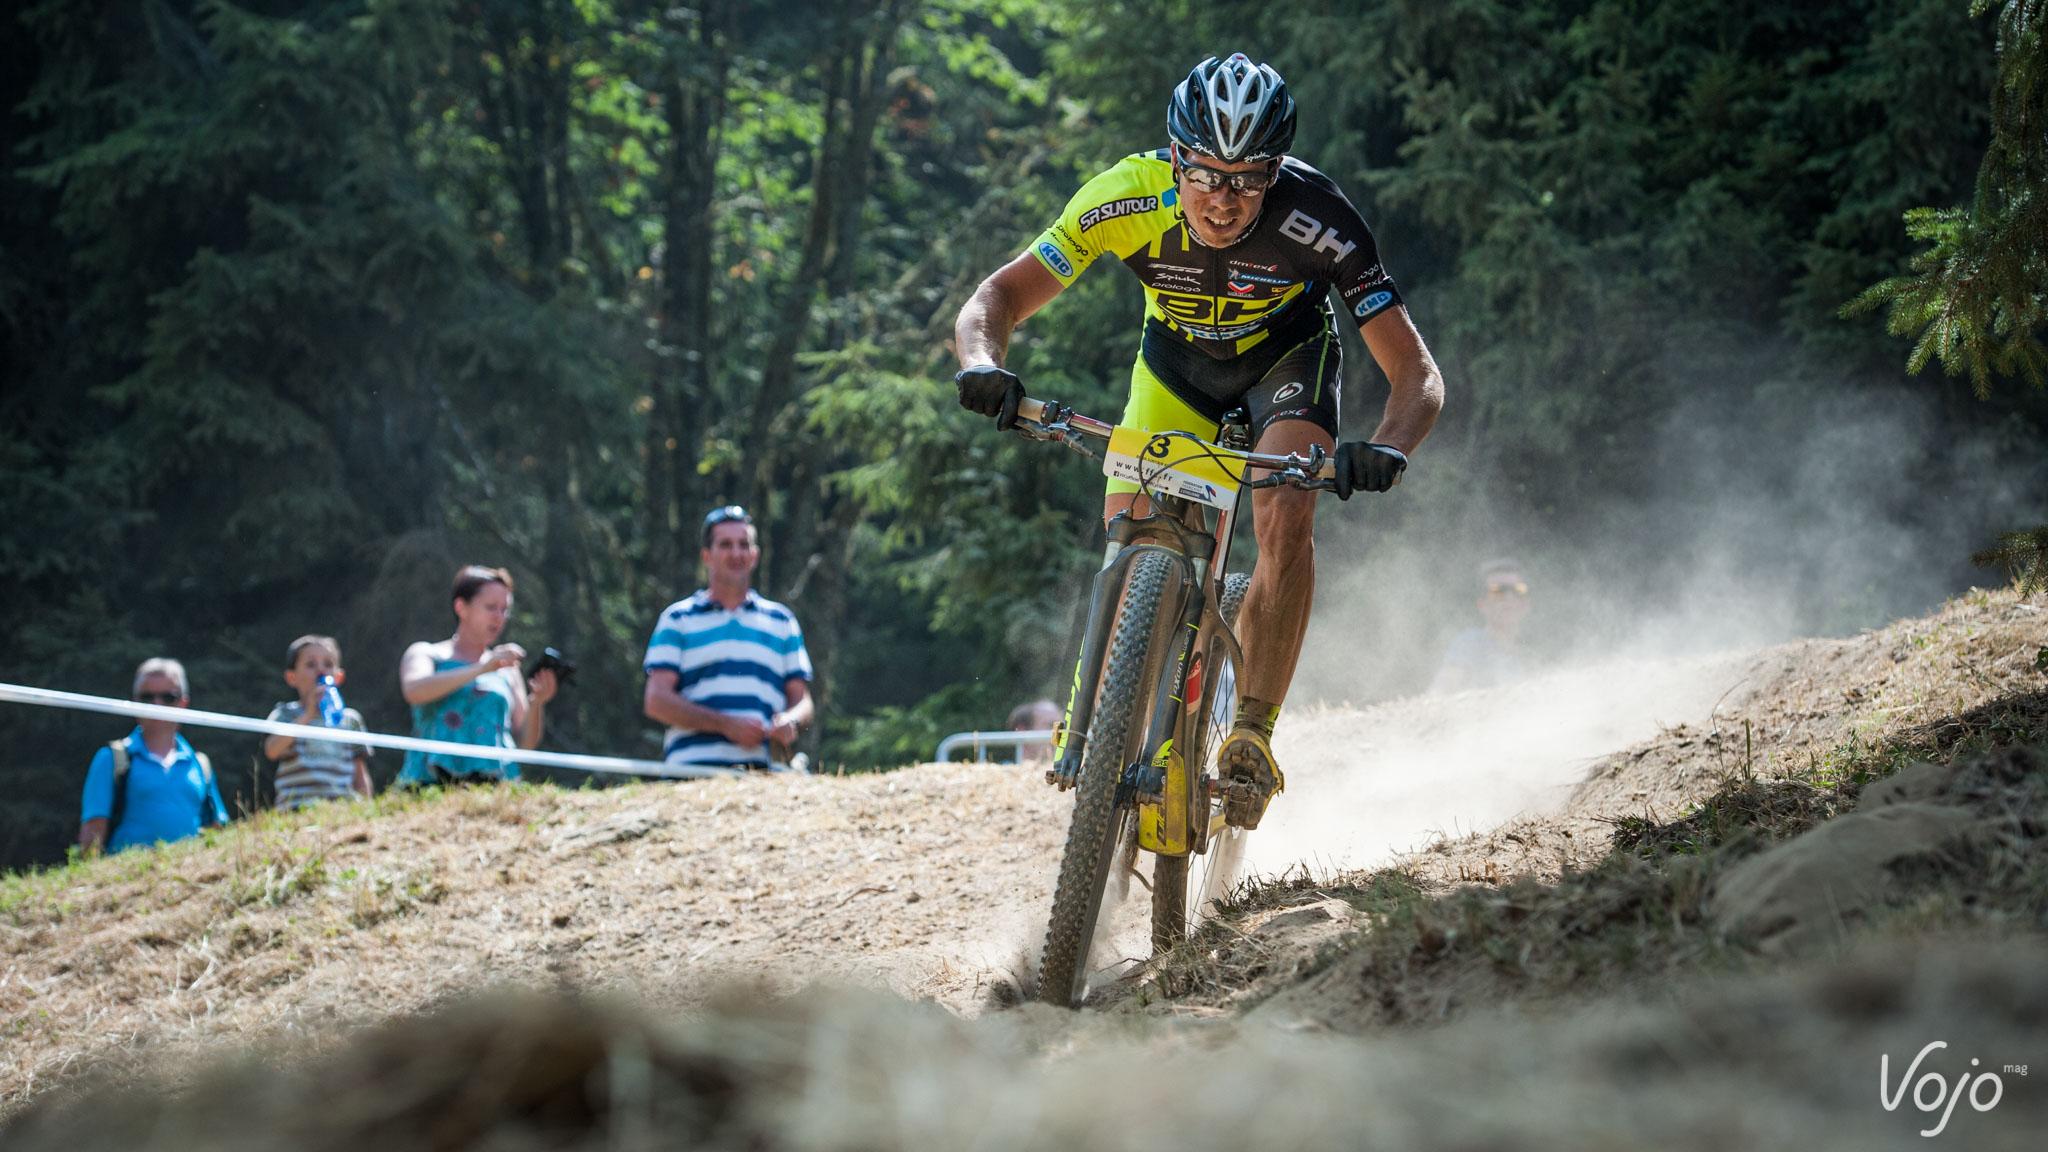 Championnats-de-france-2015-Oz-XC-Espoirs-finale-15